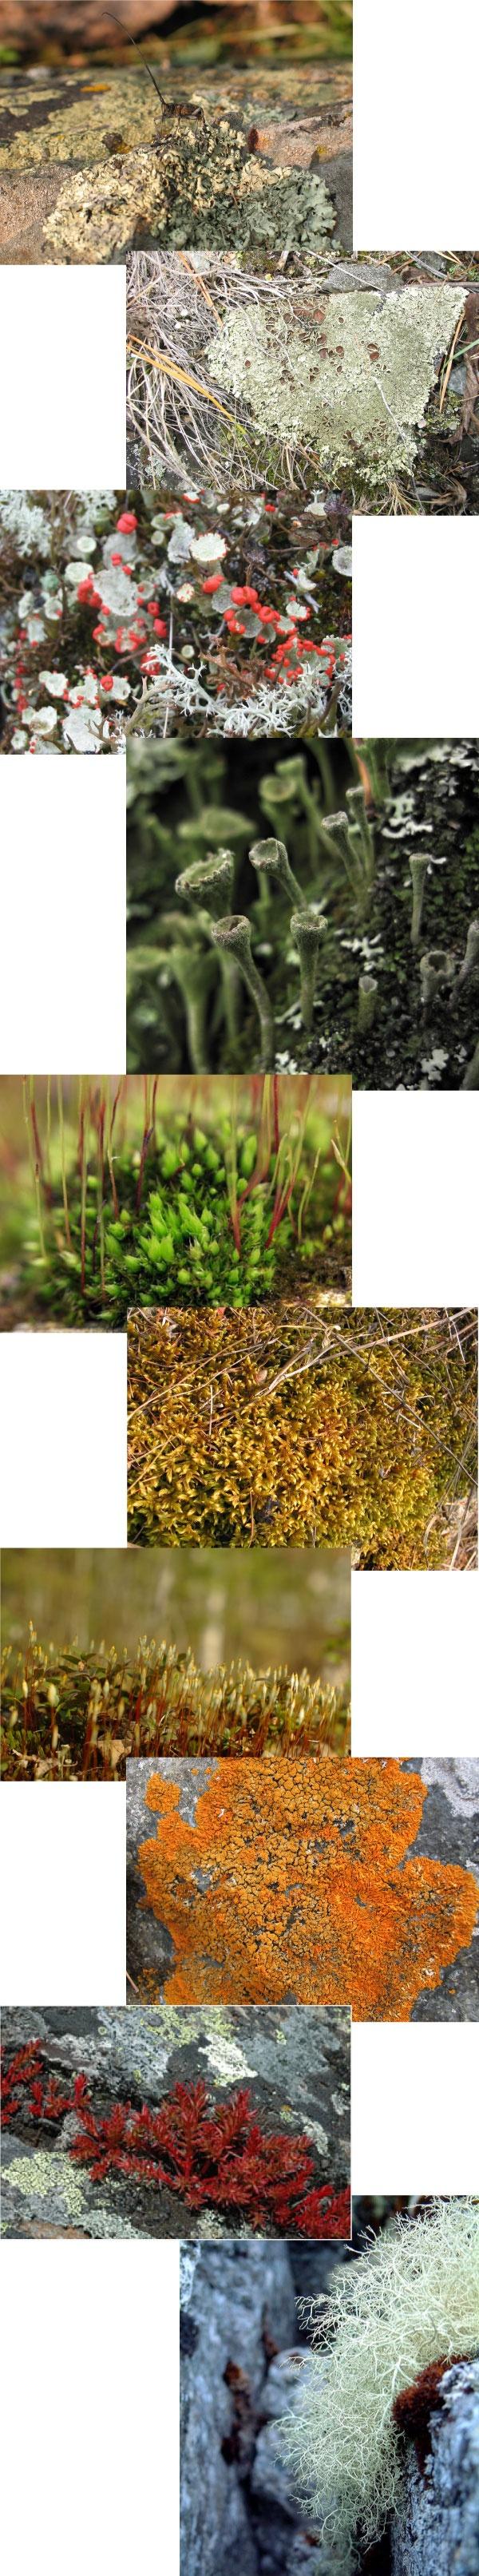 Mosses and lichen?